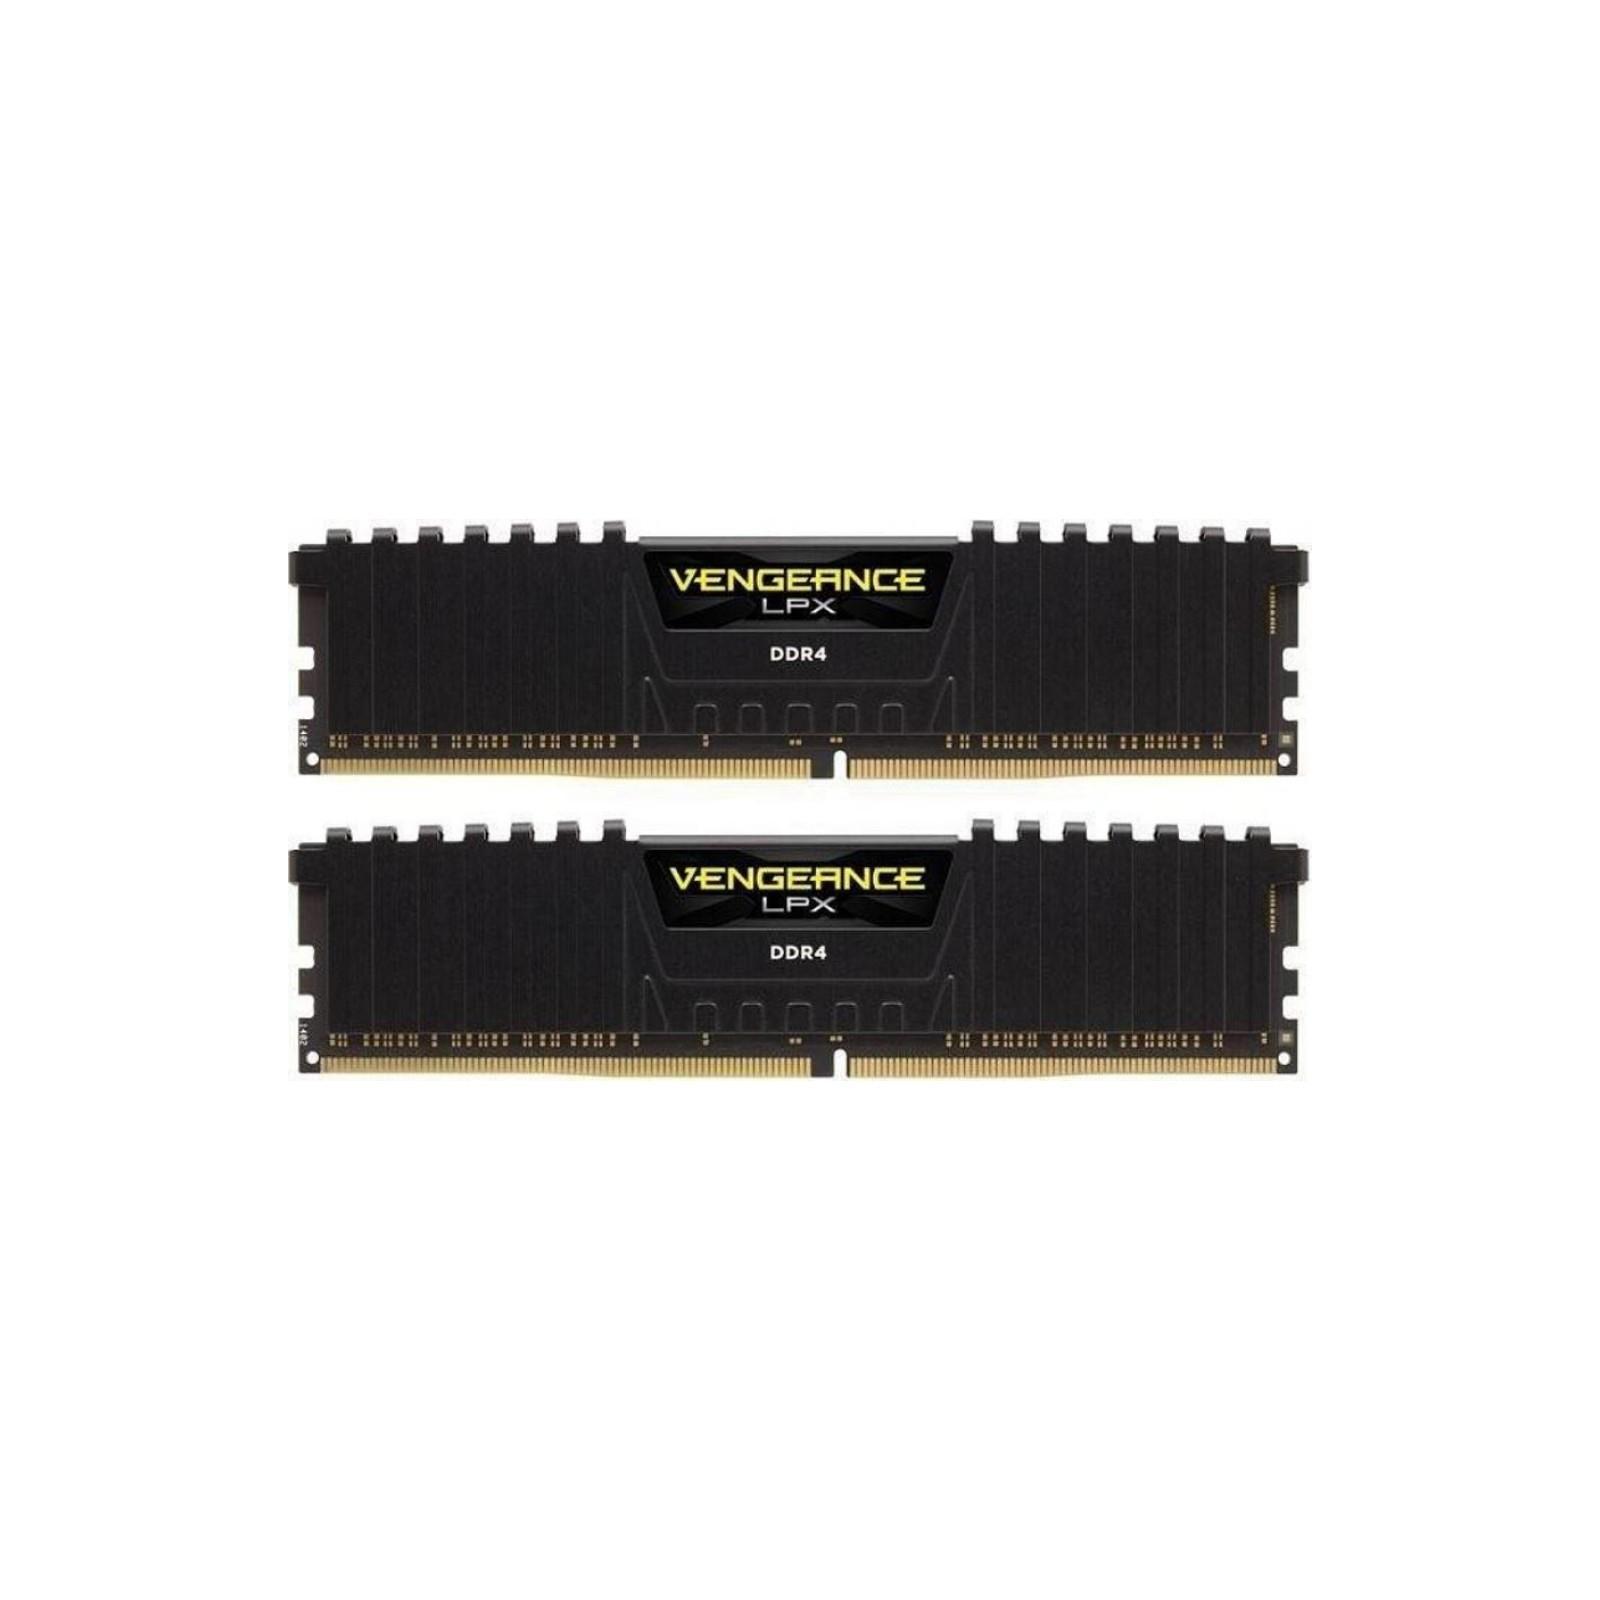 Модуль памяти для компьютера DDR4 32GB (2x16GB) 3000 MHz Vengeance LPX CORSAIR (CMK32GX4M2B3000C15)